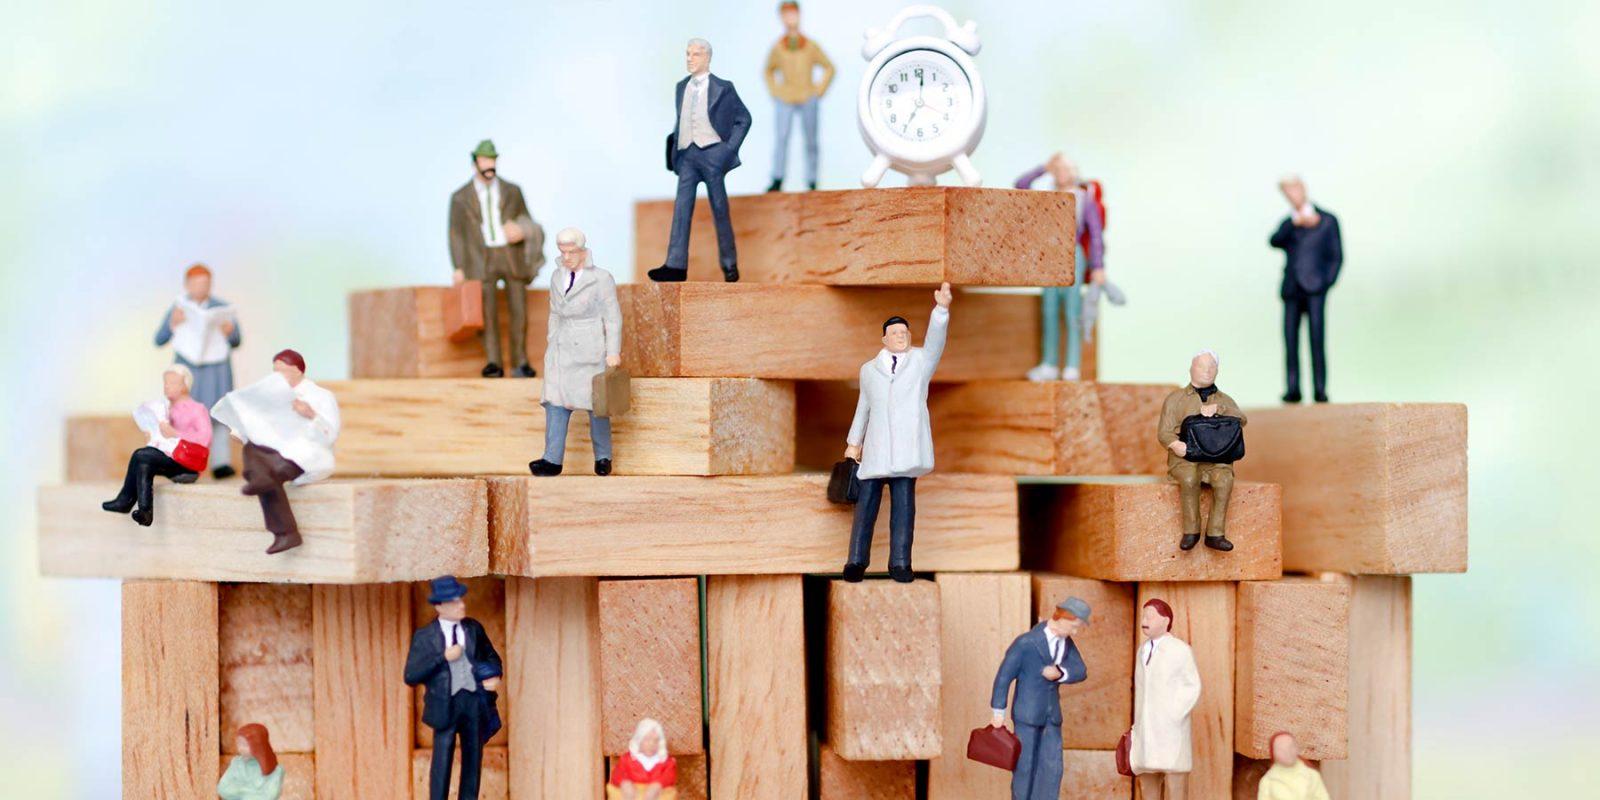 Miniaturfiguren (verschiedene Berufe) und Holzklötze